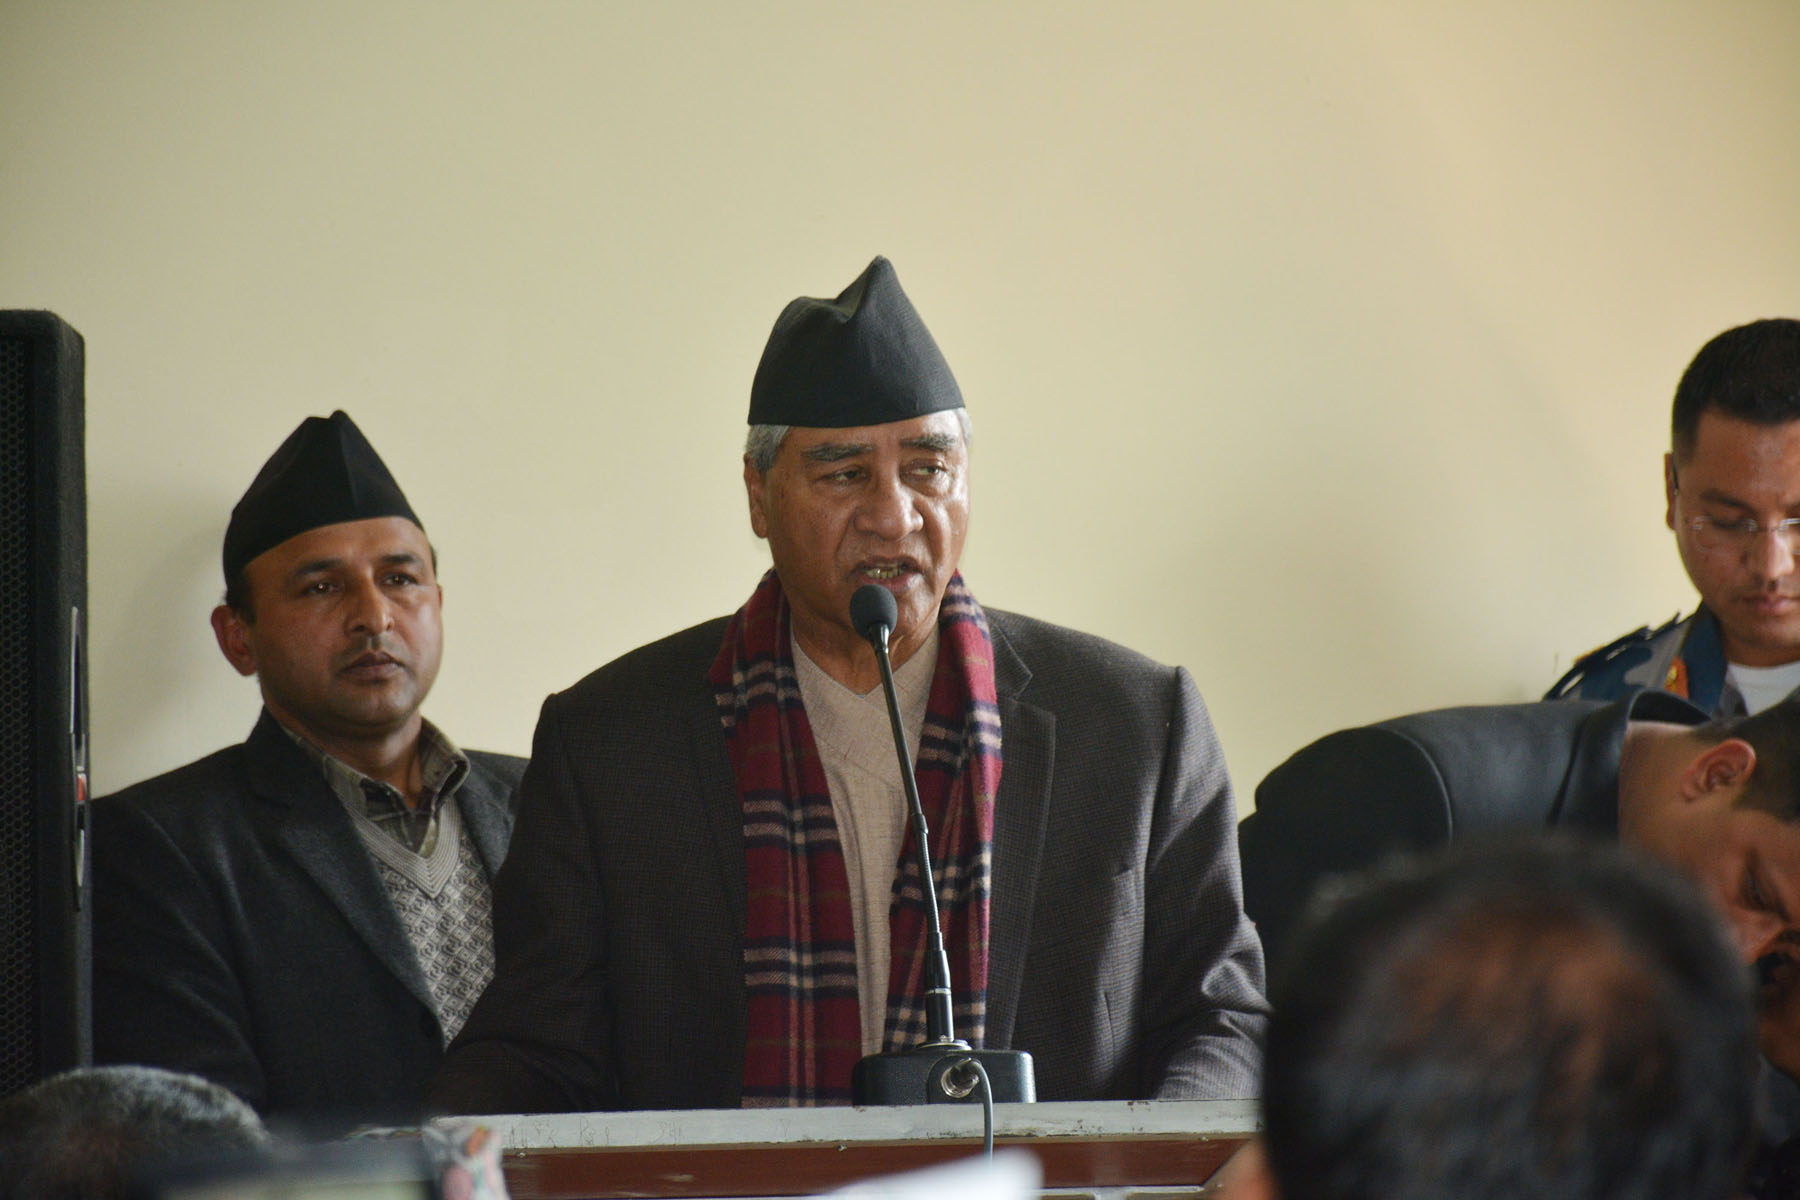 प्रेस स्वतन्त्रता बिना प्रजातन्त्र बाँच्दैन - सभापति देउवा